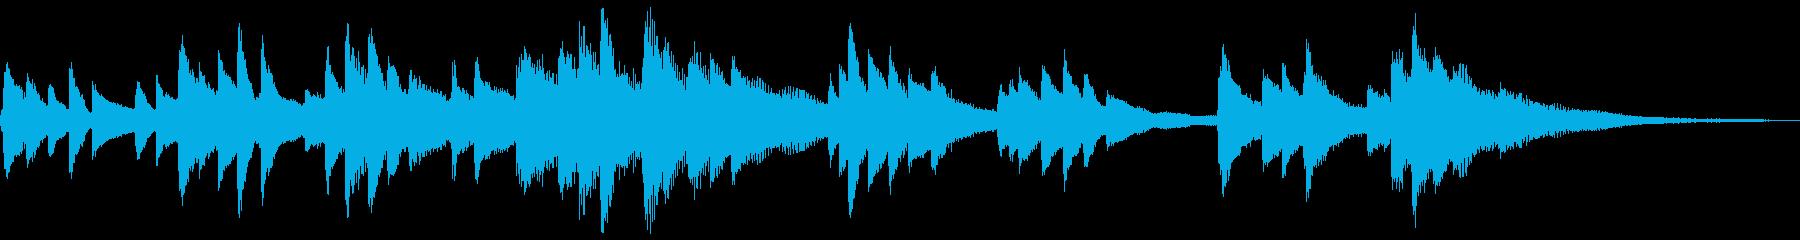 和風のジングル2-ピアノソロ(高音強調)の再生済みの波形